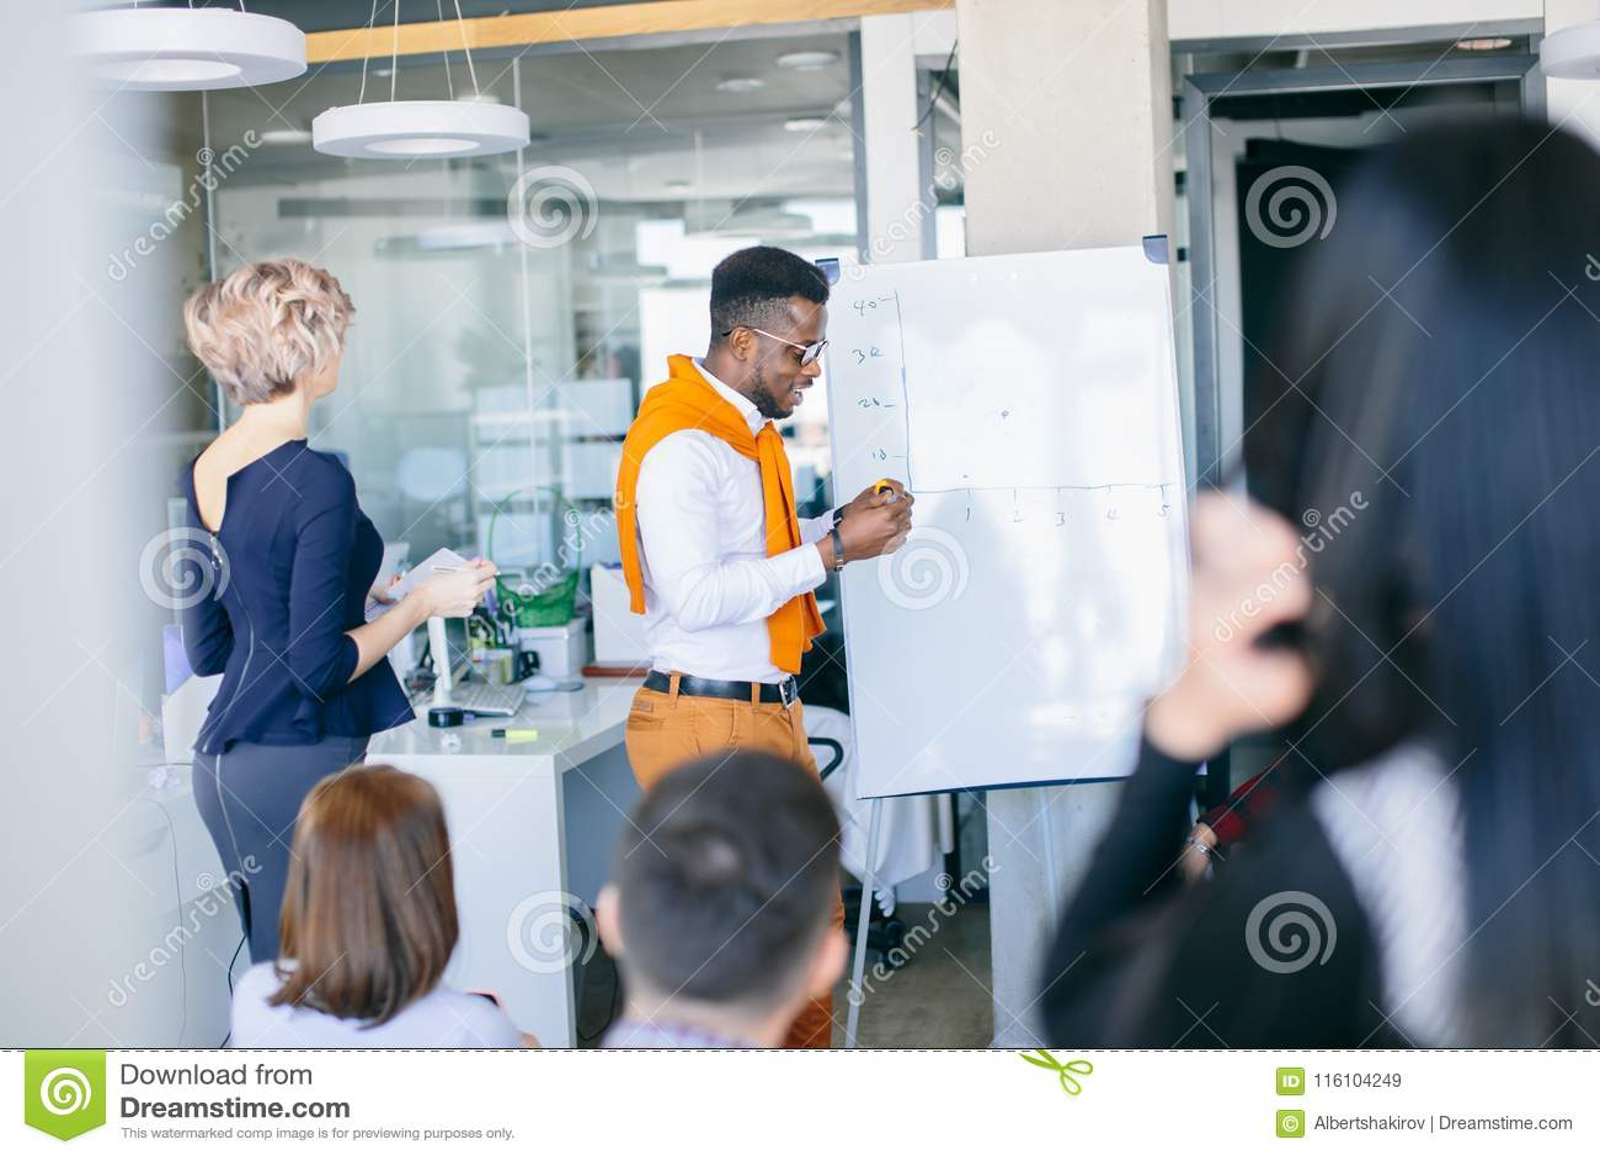 Professioneller schwarzer Tutor, der Training vor flipchart zur Verfügung stellt